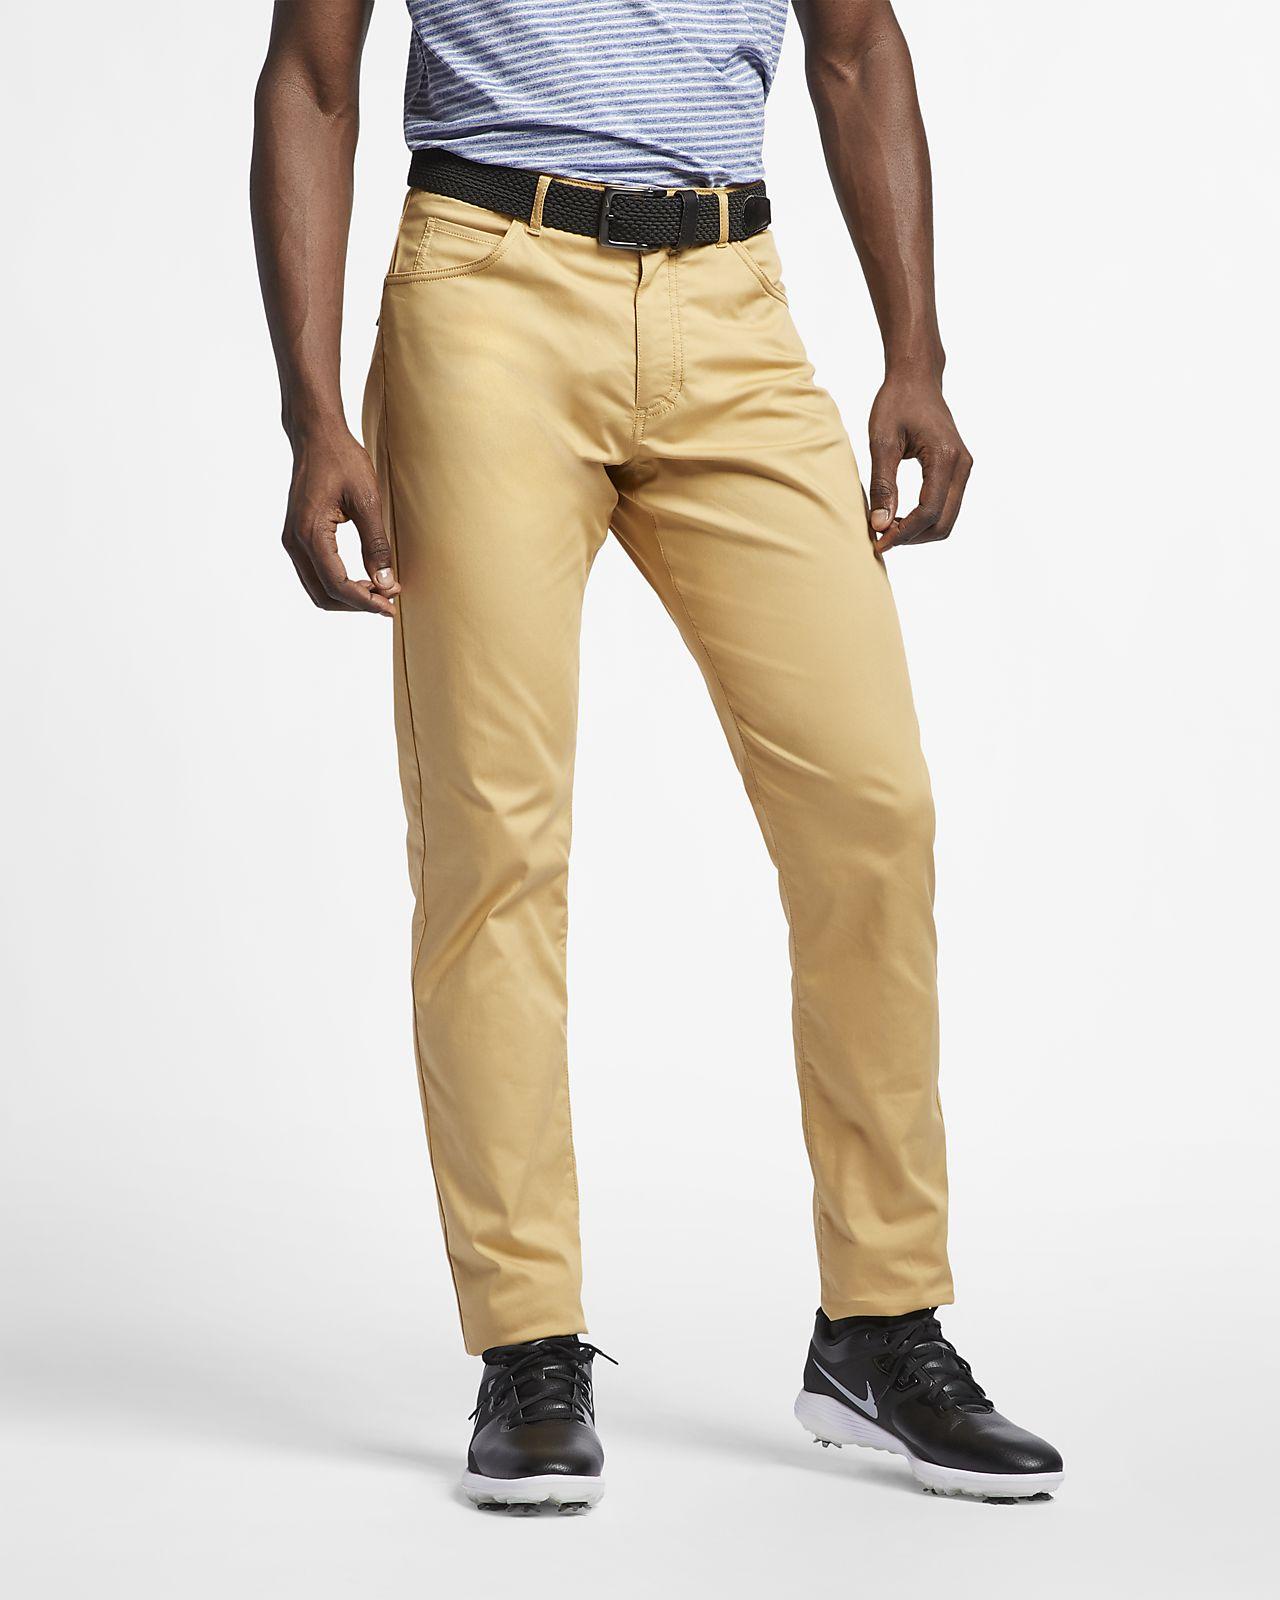 Nike Flex Herren-Golfhose in schmaler Passform mit fünf Taschen